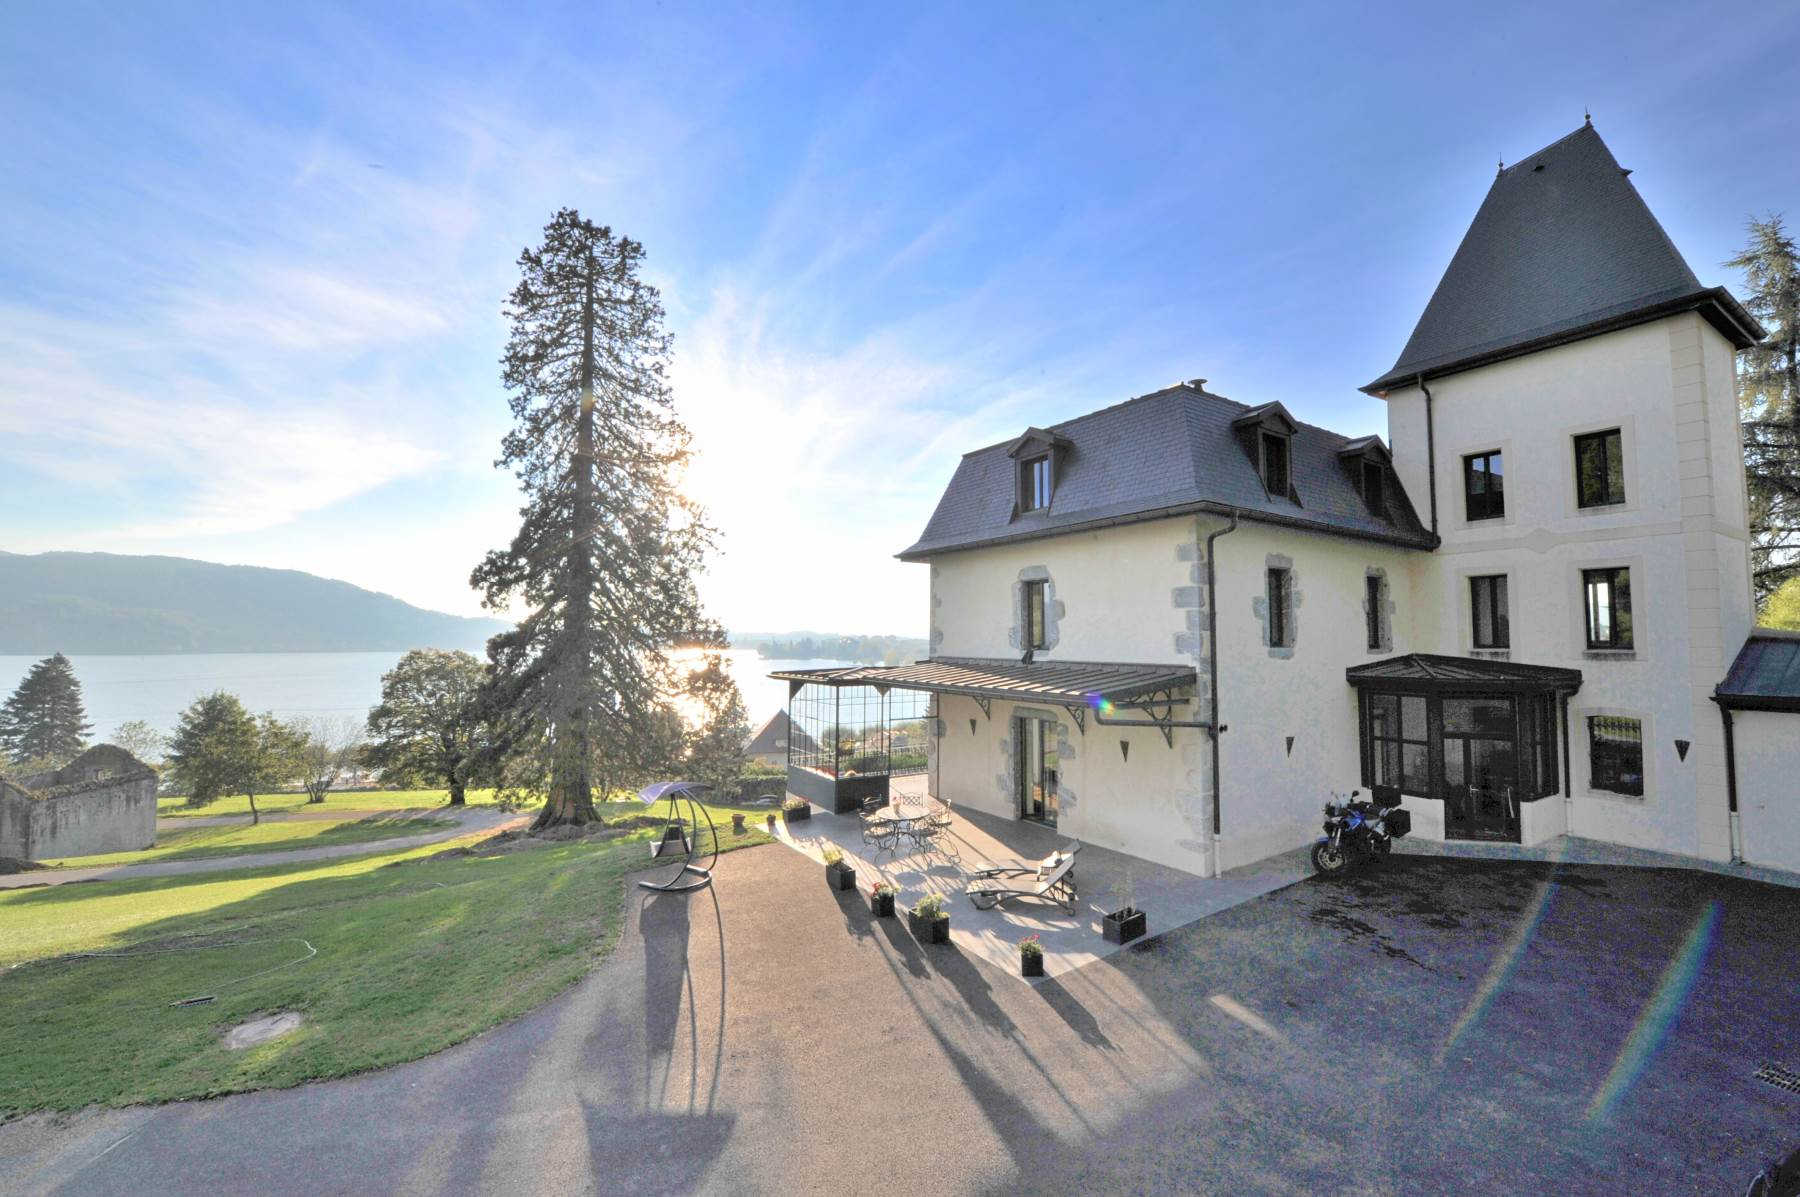 Частный односемейный дом для того Продажа на Domaine de la Tour 17 Avenue de chavoires Other Rhone-Alpes, Рона-Альпы 74940 Франция